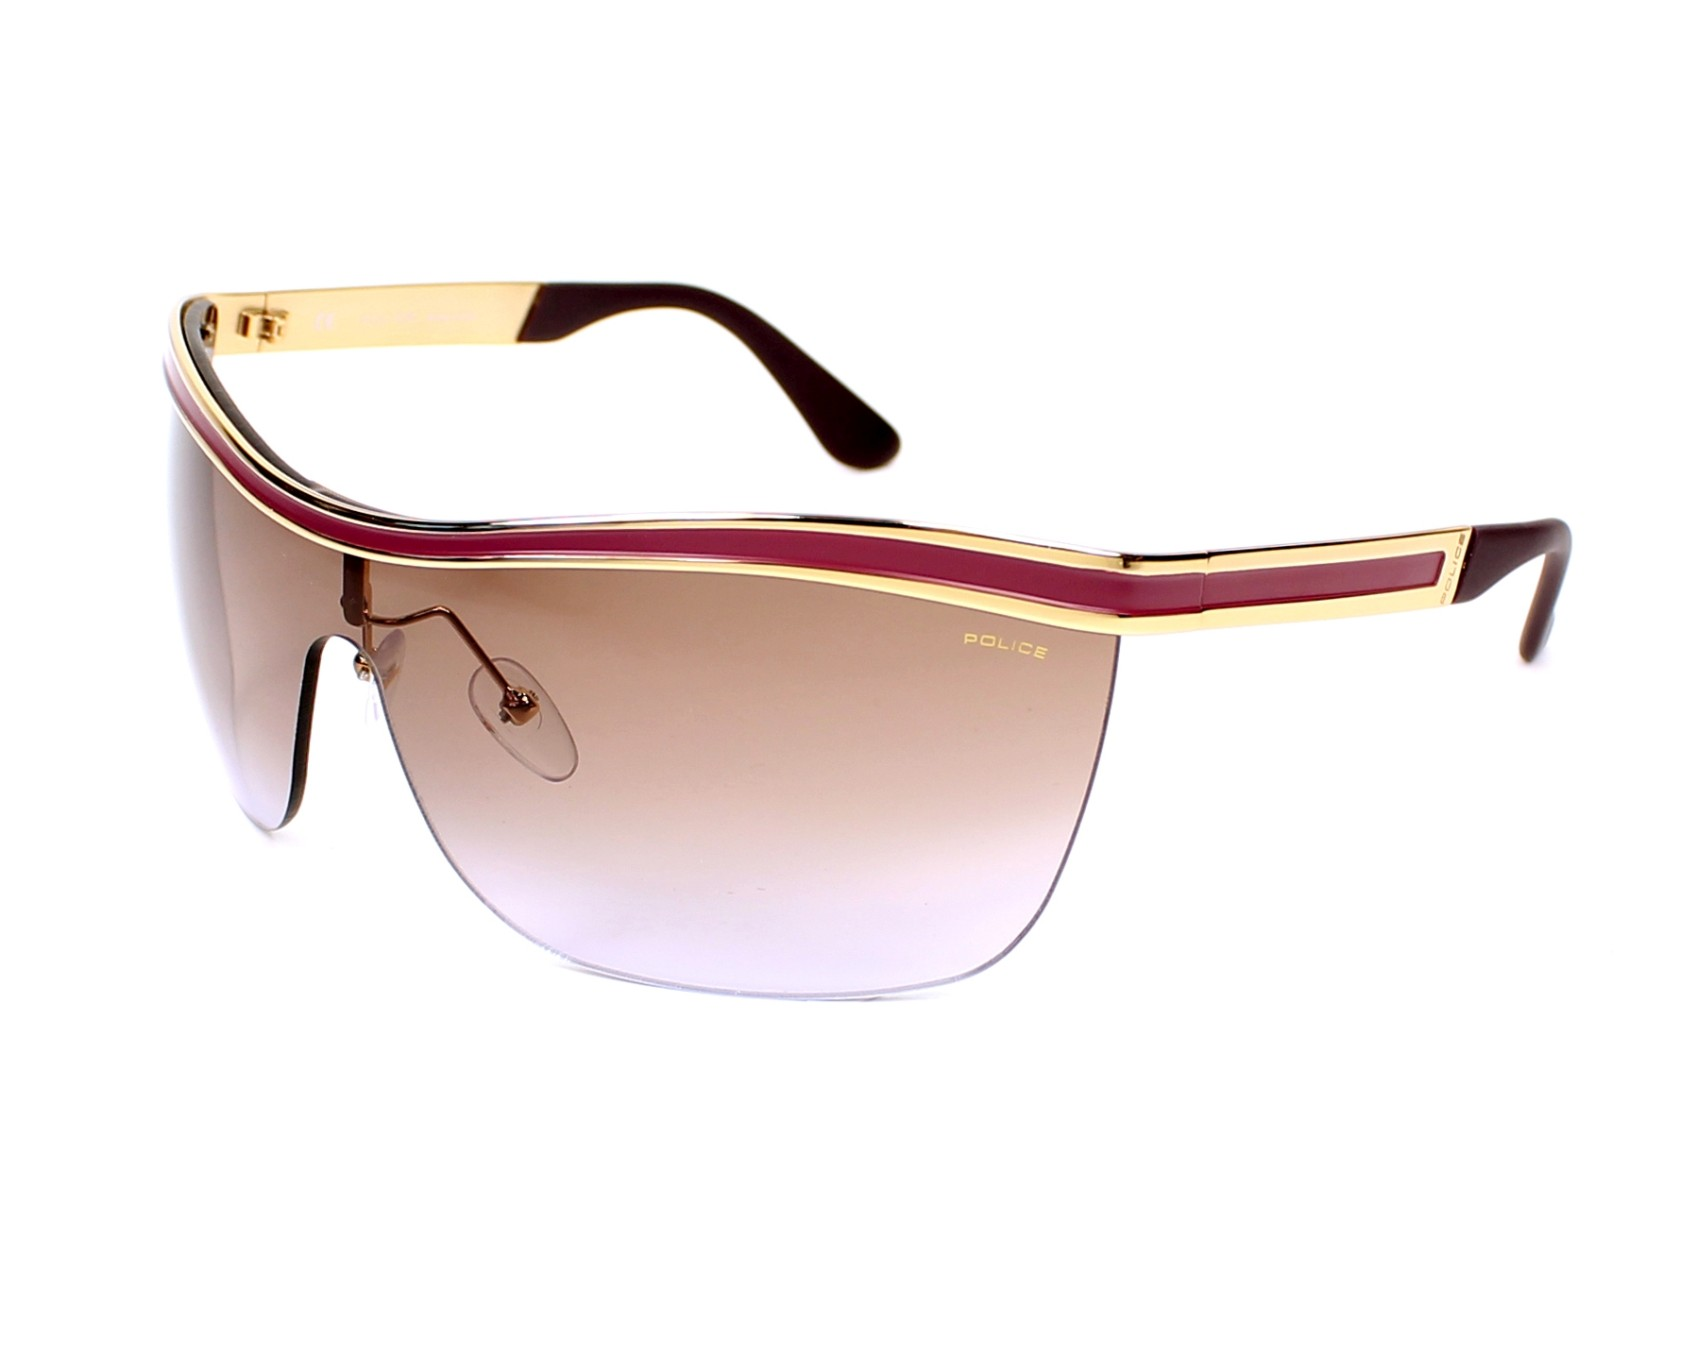 lunettes de soleil police s 8872 0a93 or avec des verres gris pour hommes. Black Bedroom Furniture Sets. Home Design Ideas